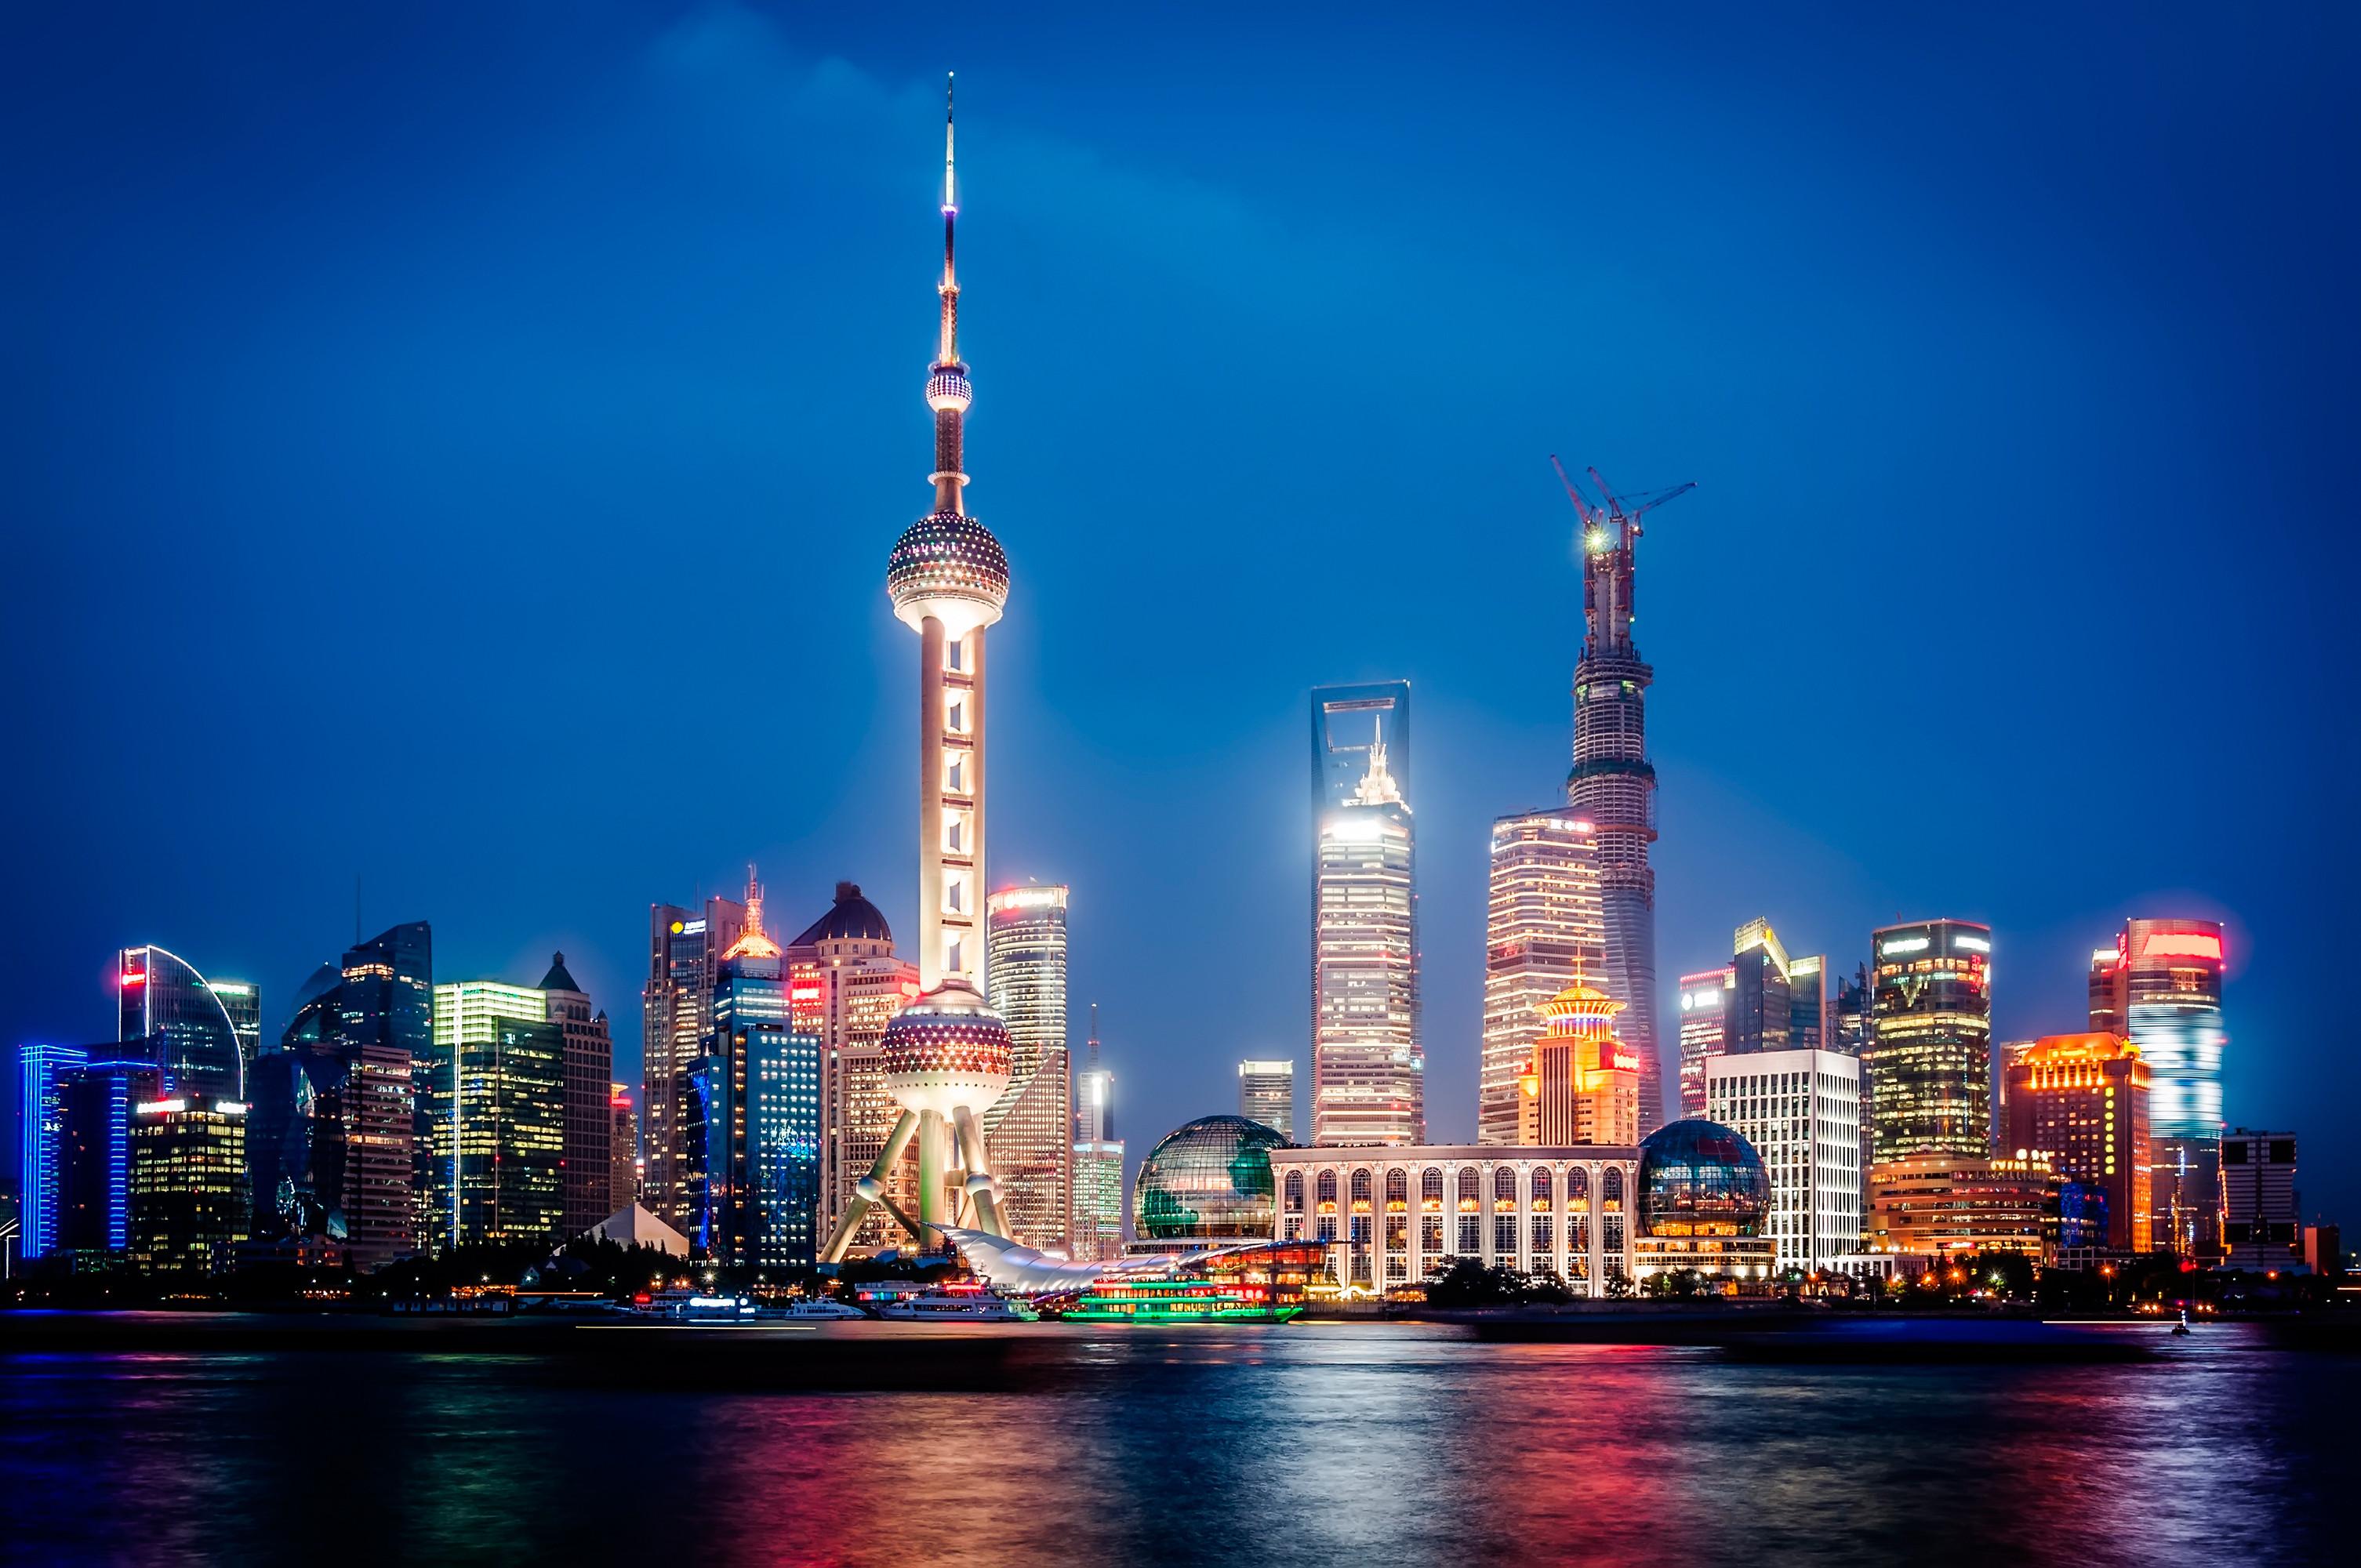 上海東方明珠塔(上海テレビタワー)チケット